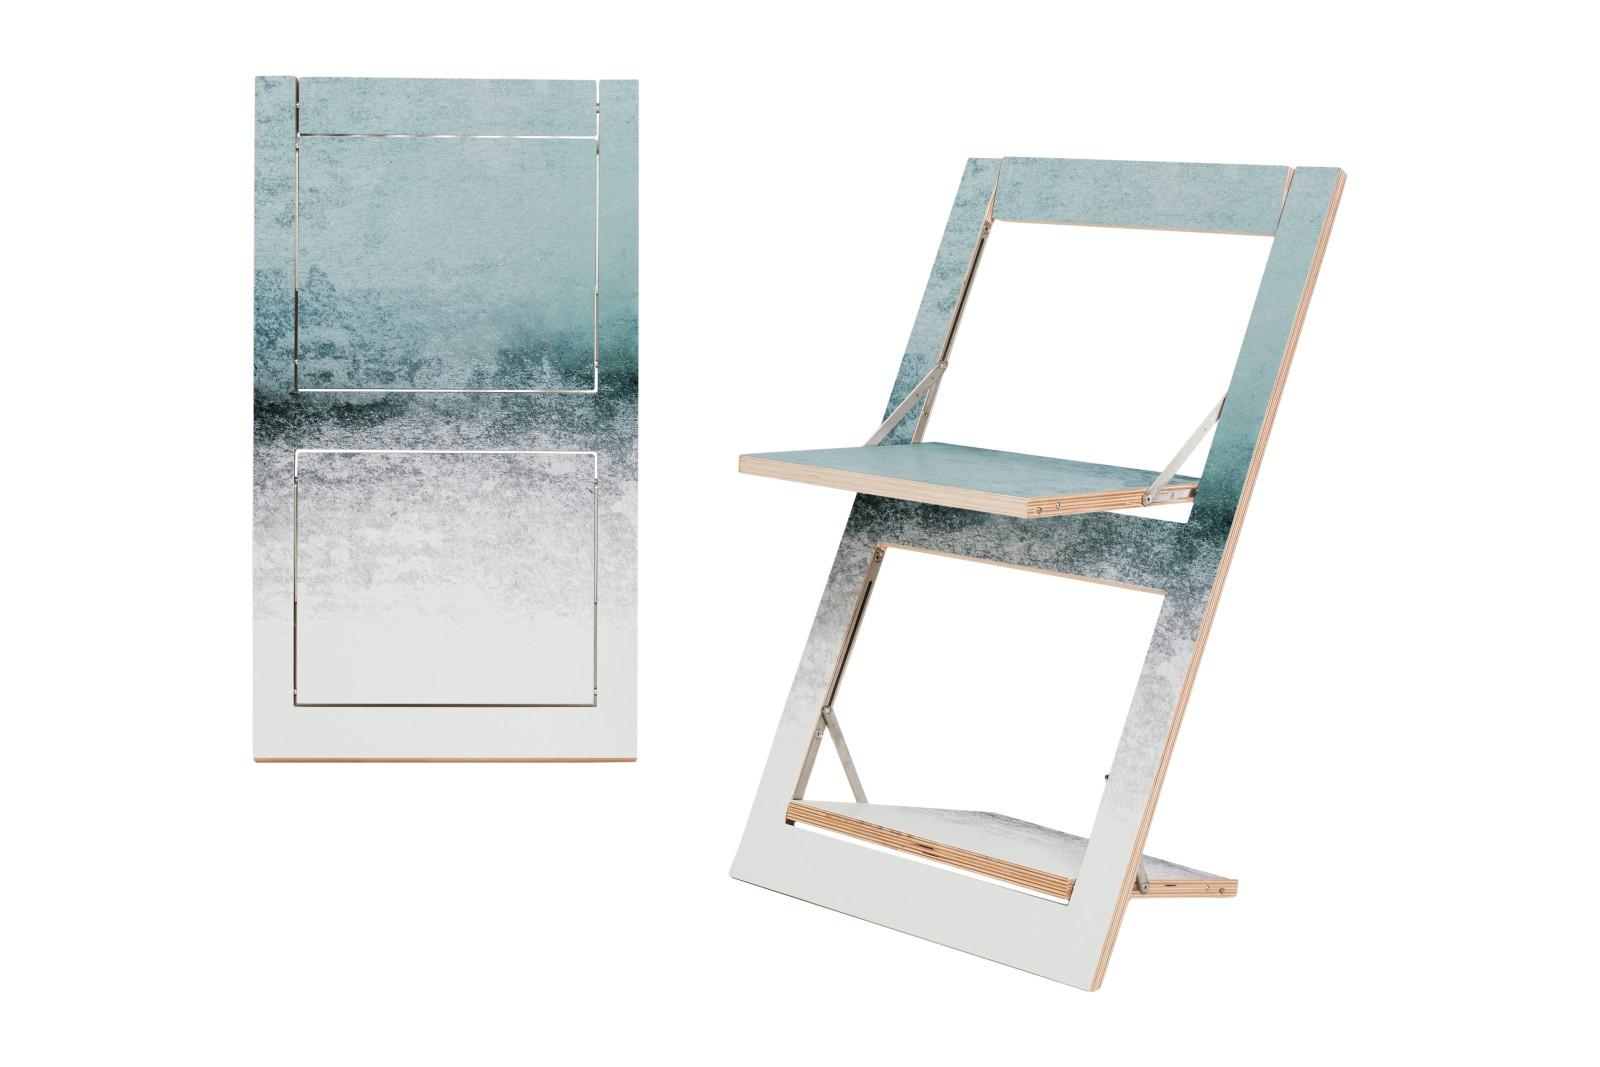 Fläpps Folding Chair Snowdreamer